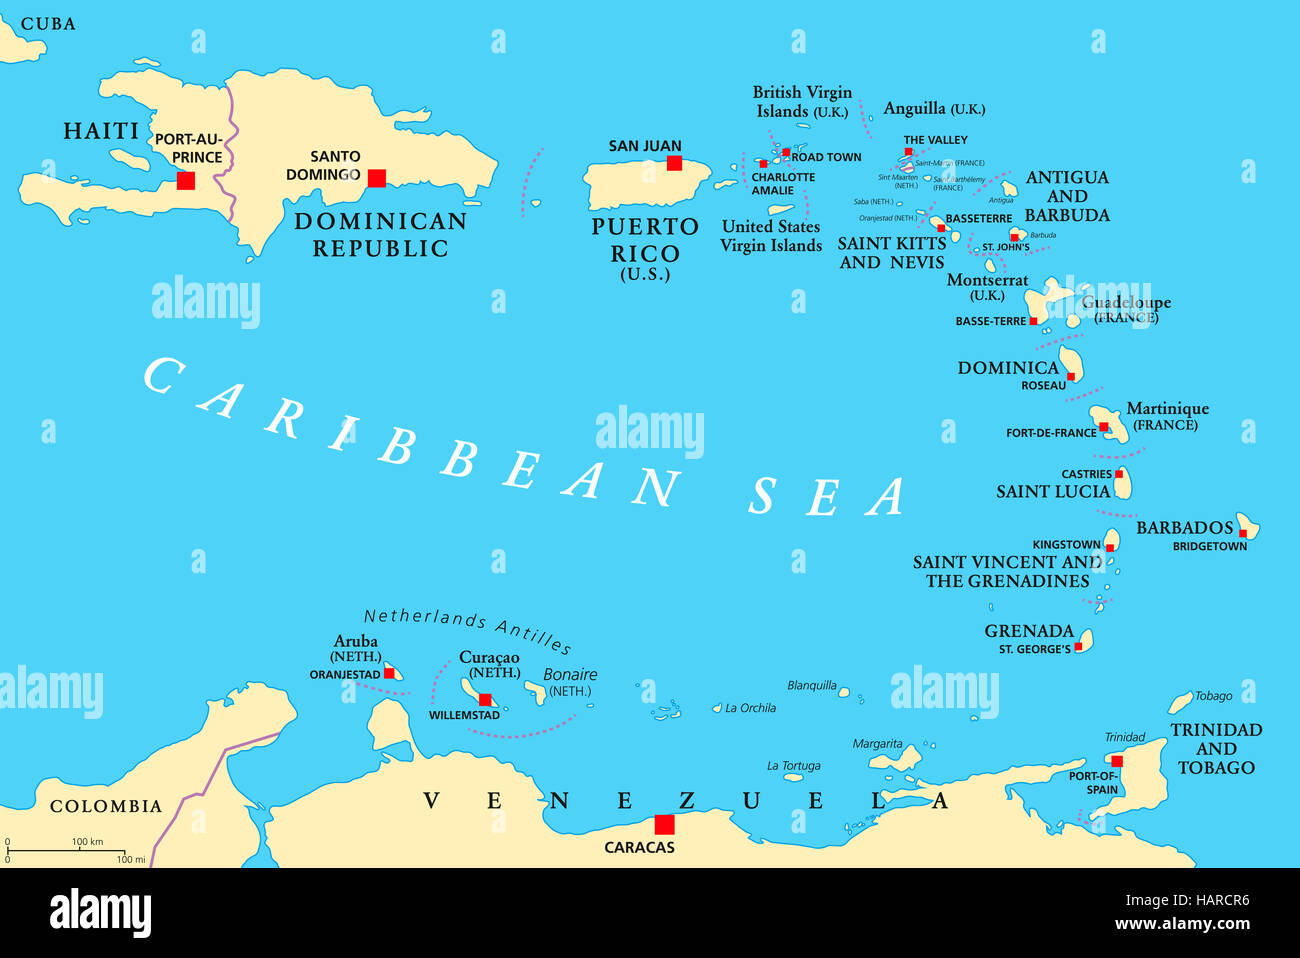 Politische Karte der kleinen Antillen Der Cariben mit Haiti der